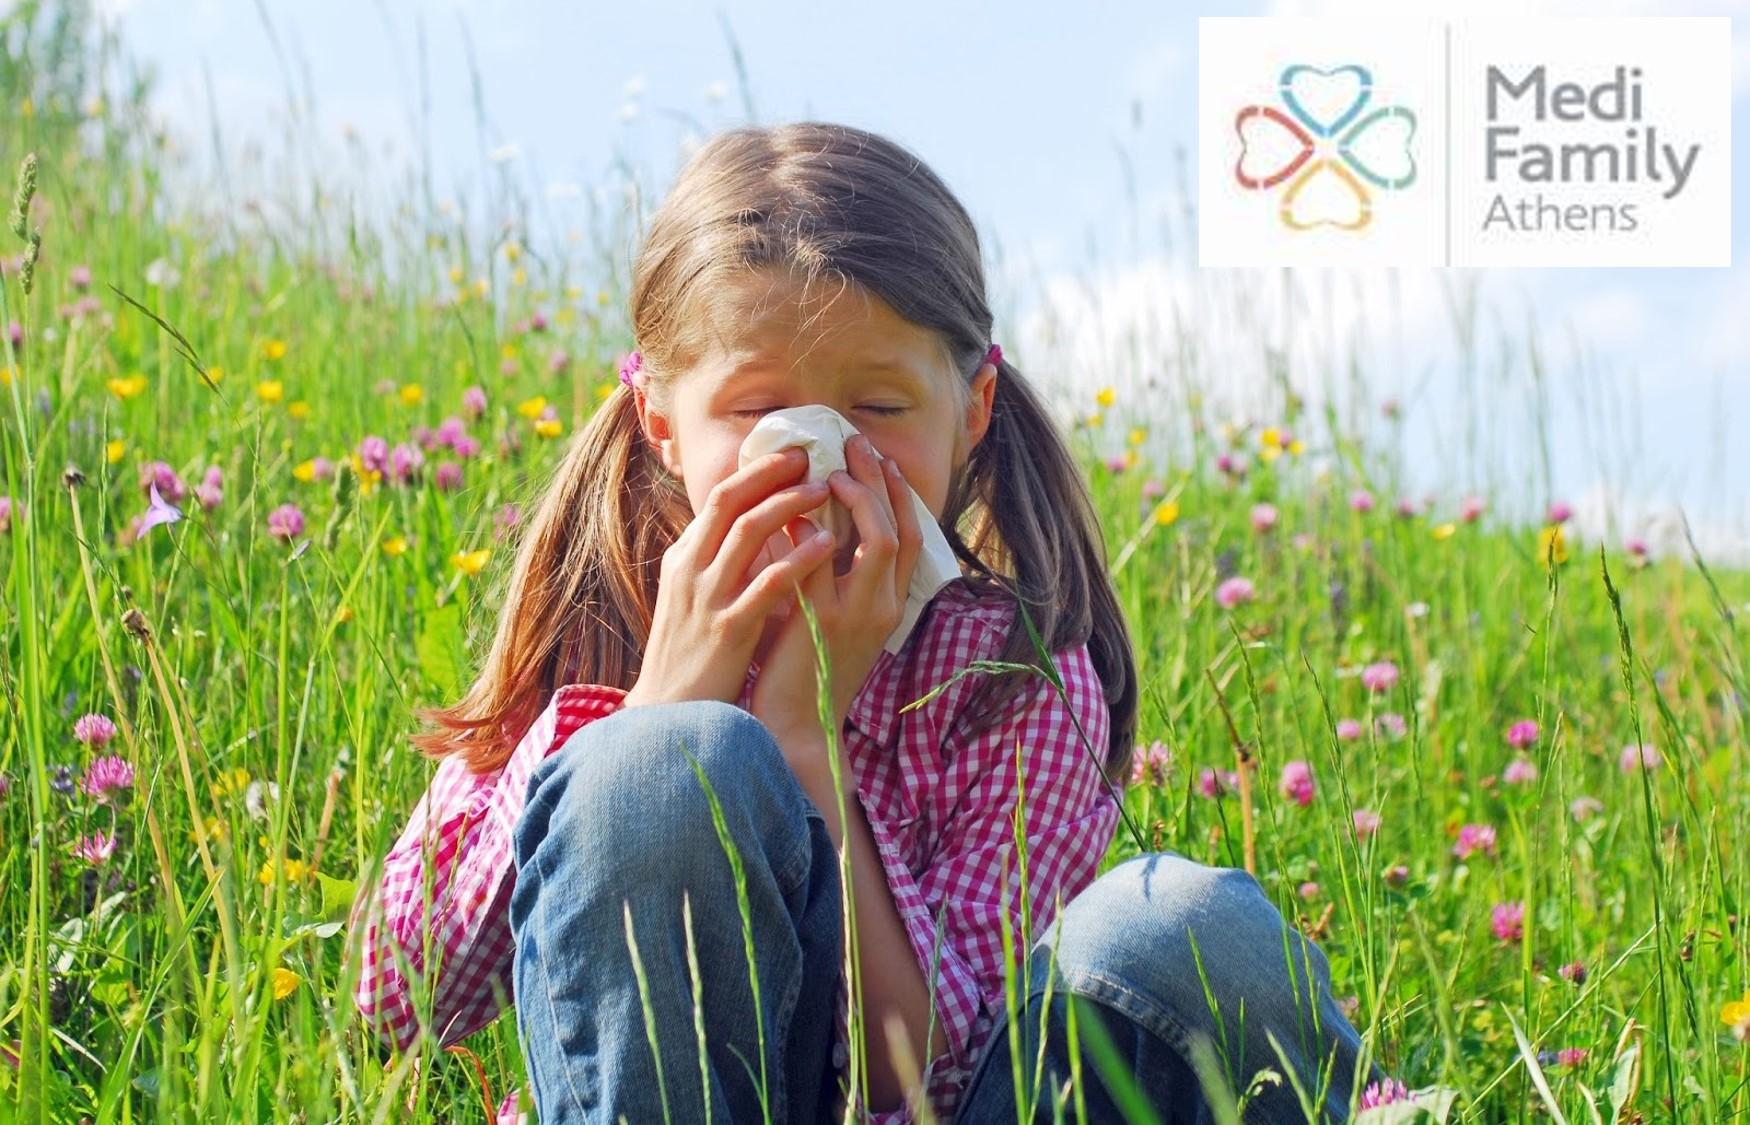 17€ από 45€ για Αντιμετώπιση Αλλεργικής Ρινίτιδας (Διάγνωση-Αγωγή από ειδικό ιατρό & Αιματολογικός Έλεγχος) στο ''Medi Family Athens''